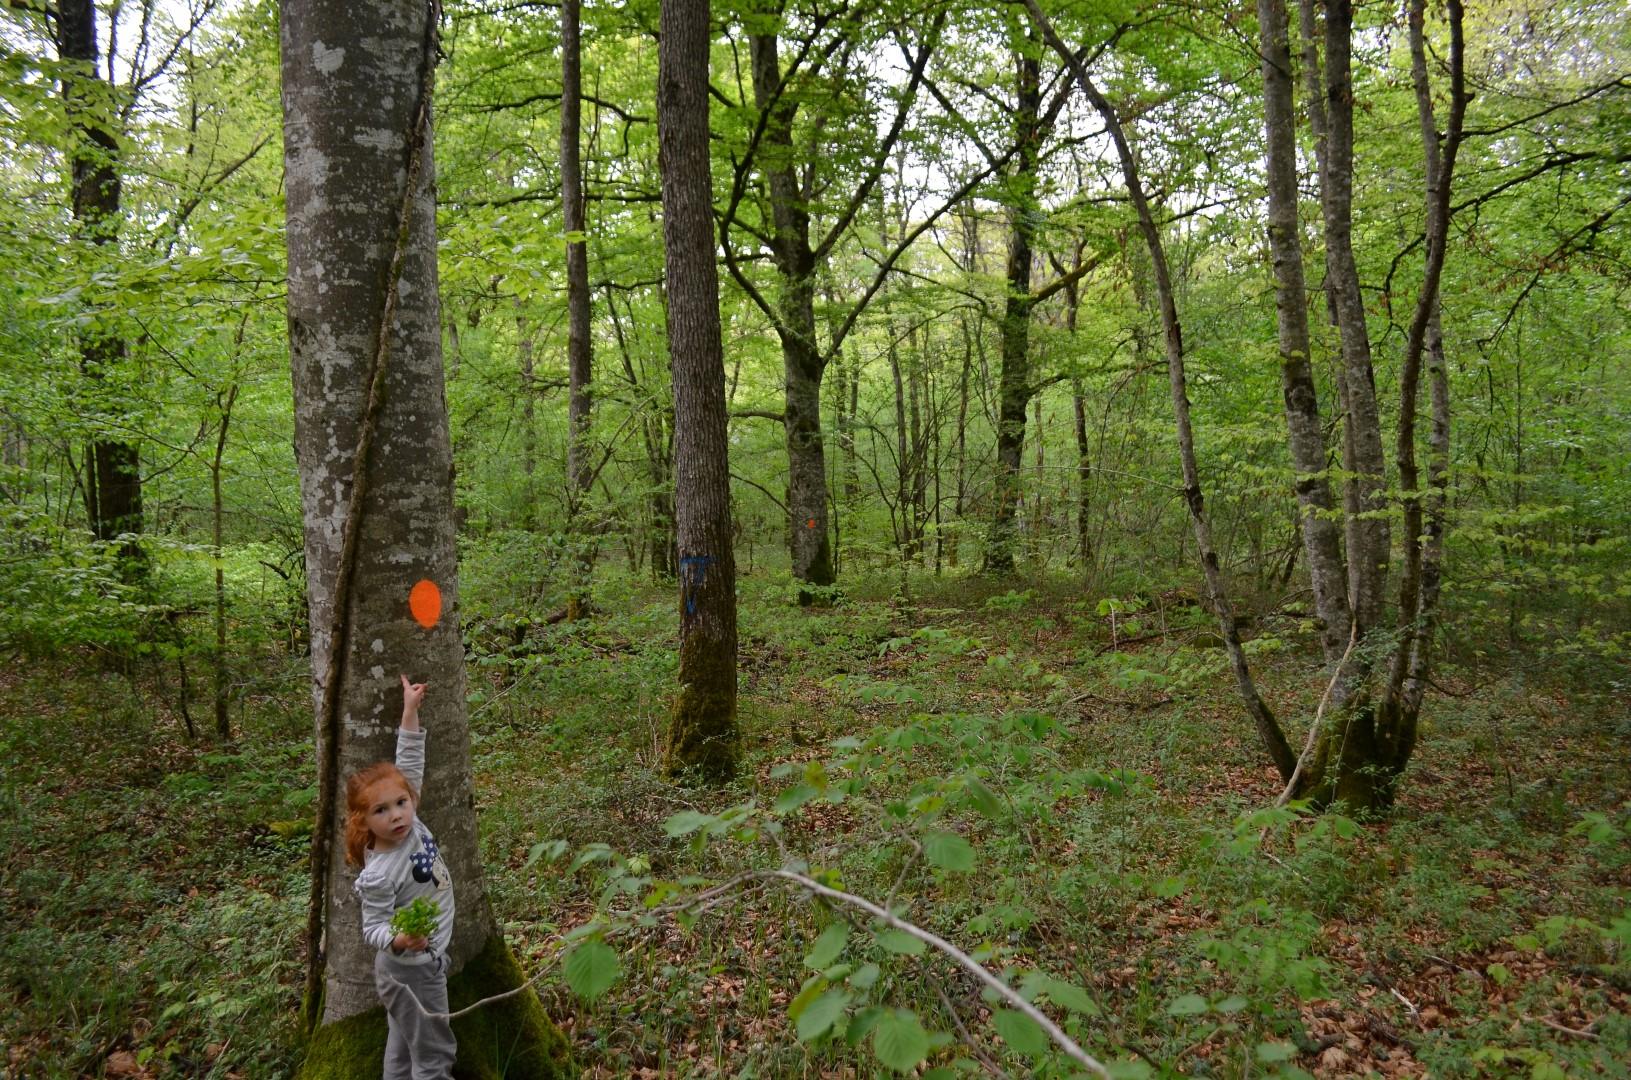 Balade en forêt - Sylvain BOULANGEOT